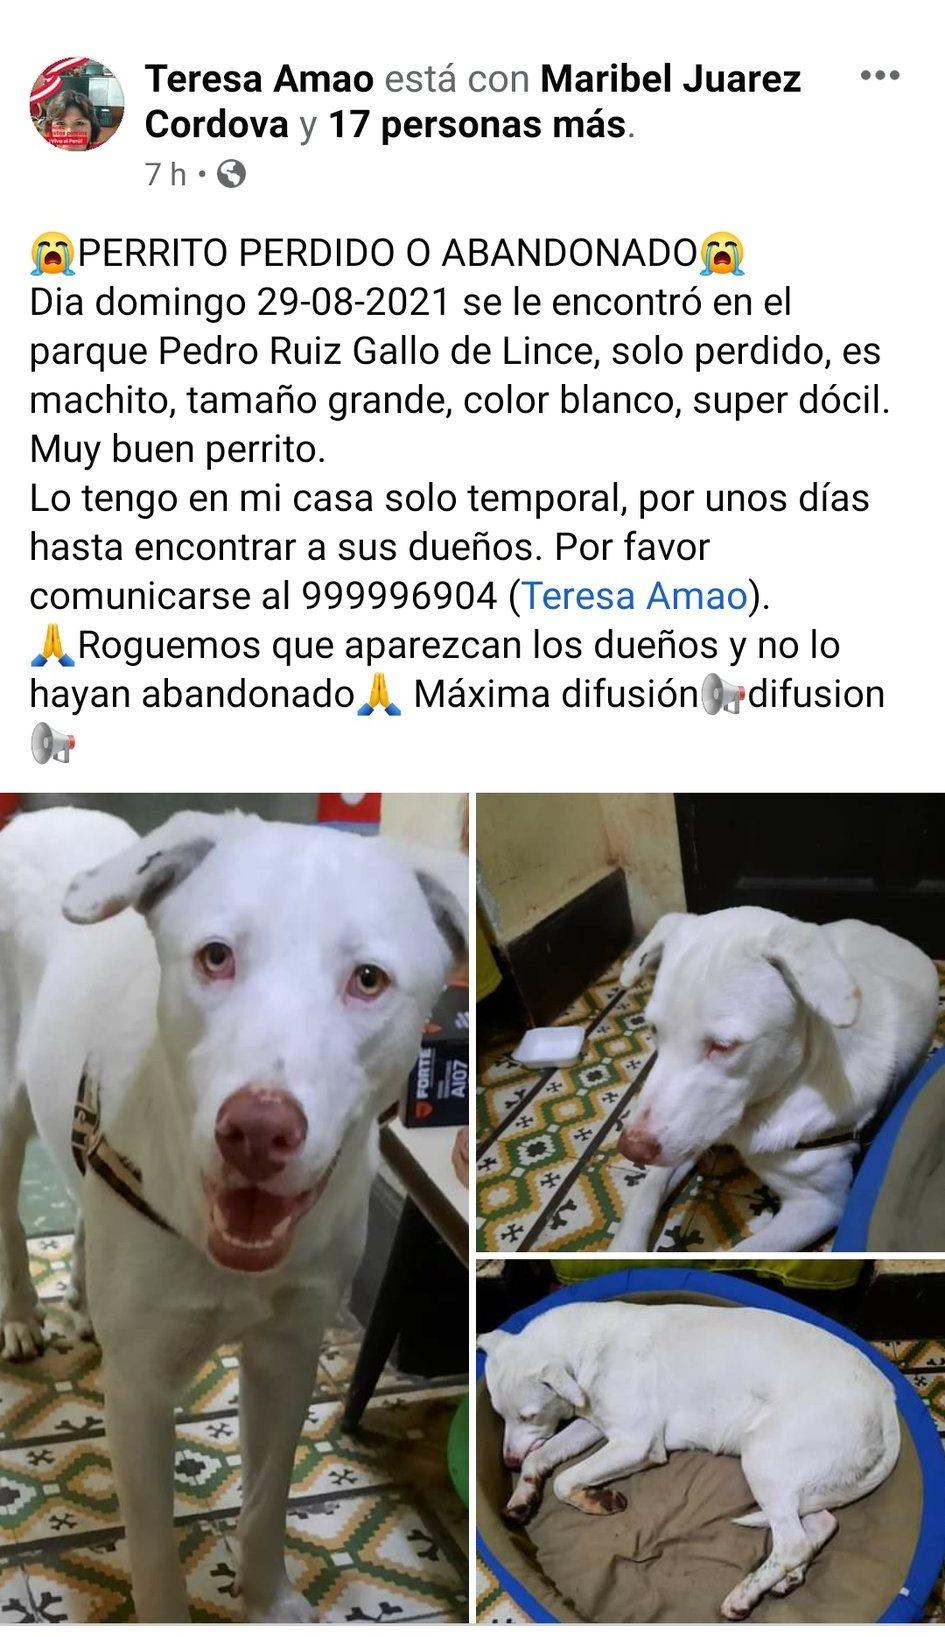 Perrito encontrado en el parque Pedro Ruiz Gallo, Lince, Lima